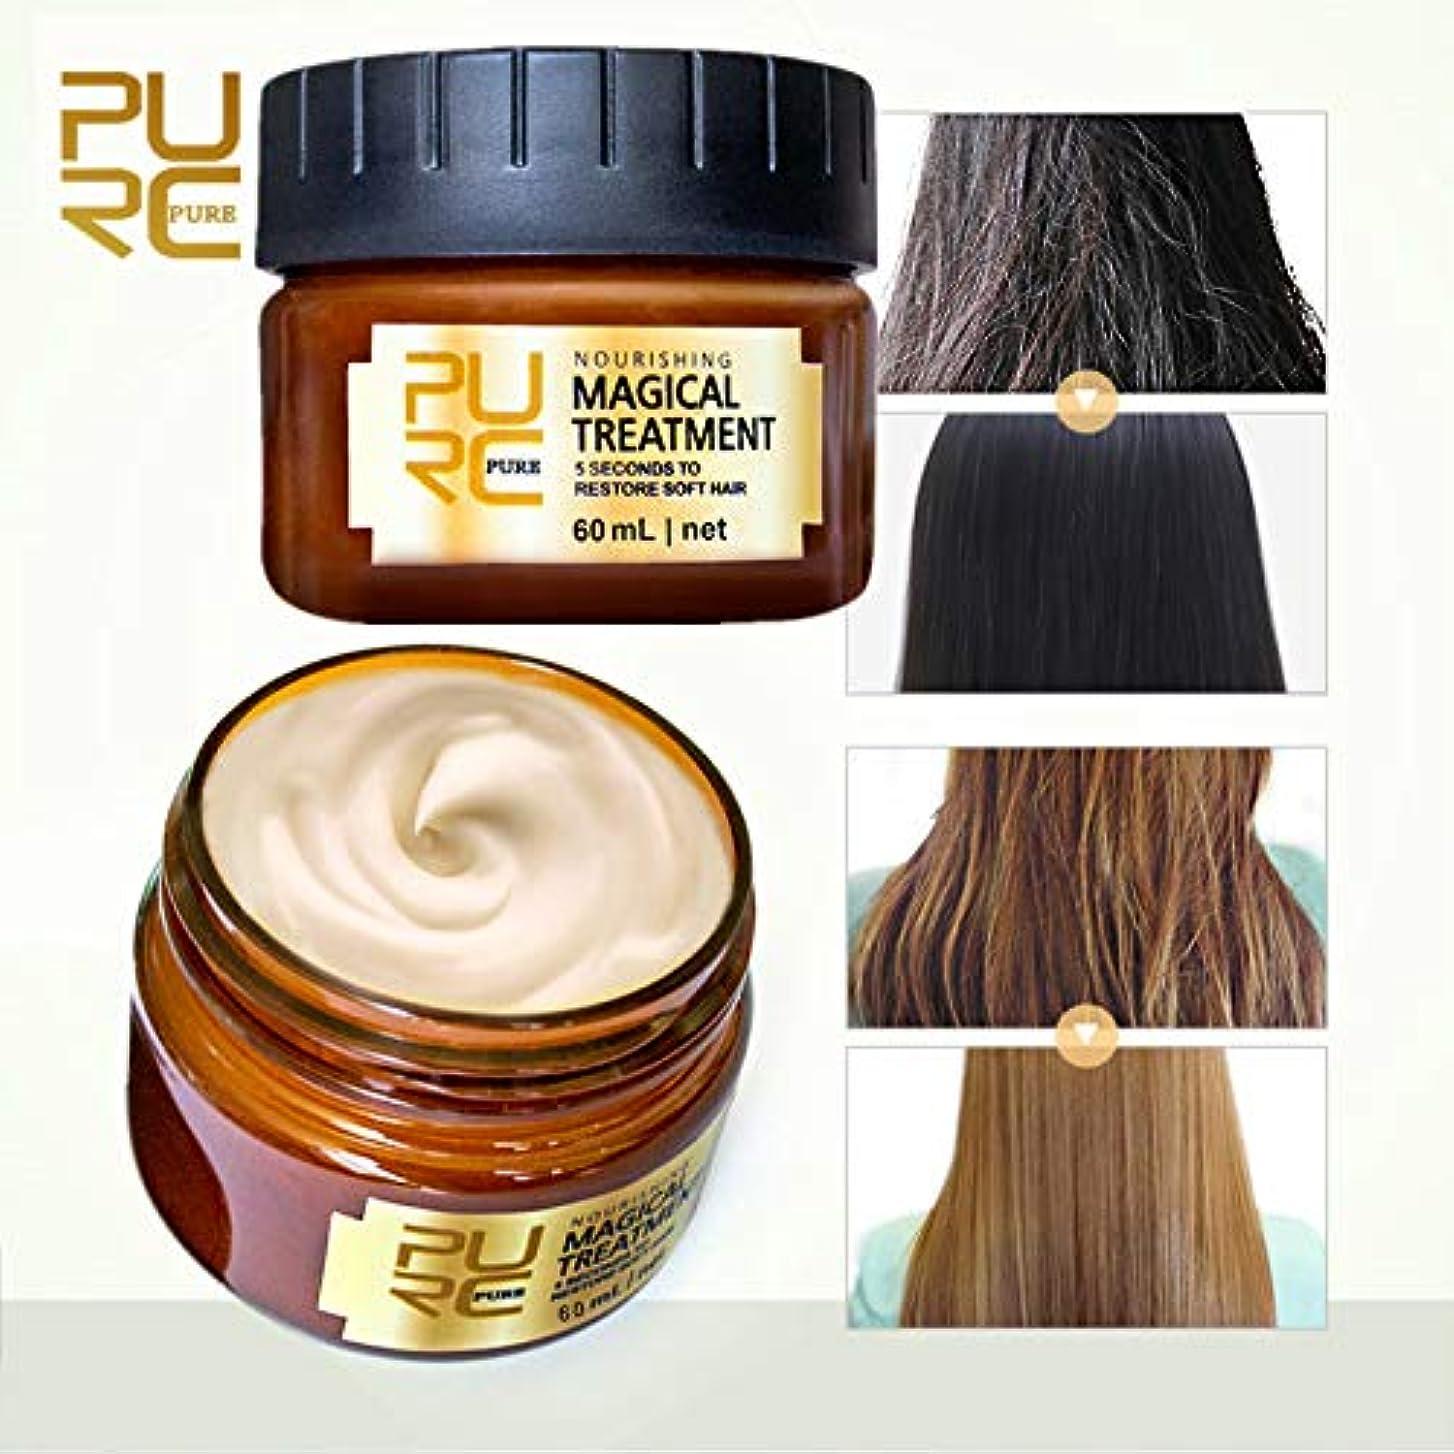 軍隊困惑供給ベストプライス - 3本x 60mlマジカルヘアトリートメントマスク5秒 ダメージを回復しますソフトヘアケラチンヘアケア&スカルプトリートメント (3pcs X 60ml Magical Hair Treatment Mask 5 Seconds Repairs Damage Restore Soft Hair Keratin Hair Care & Scalp Treatment